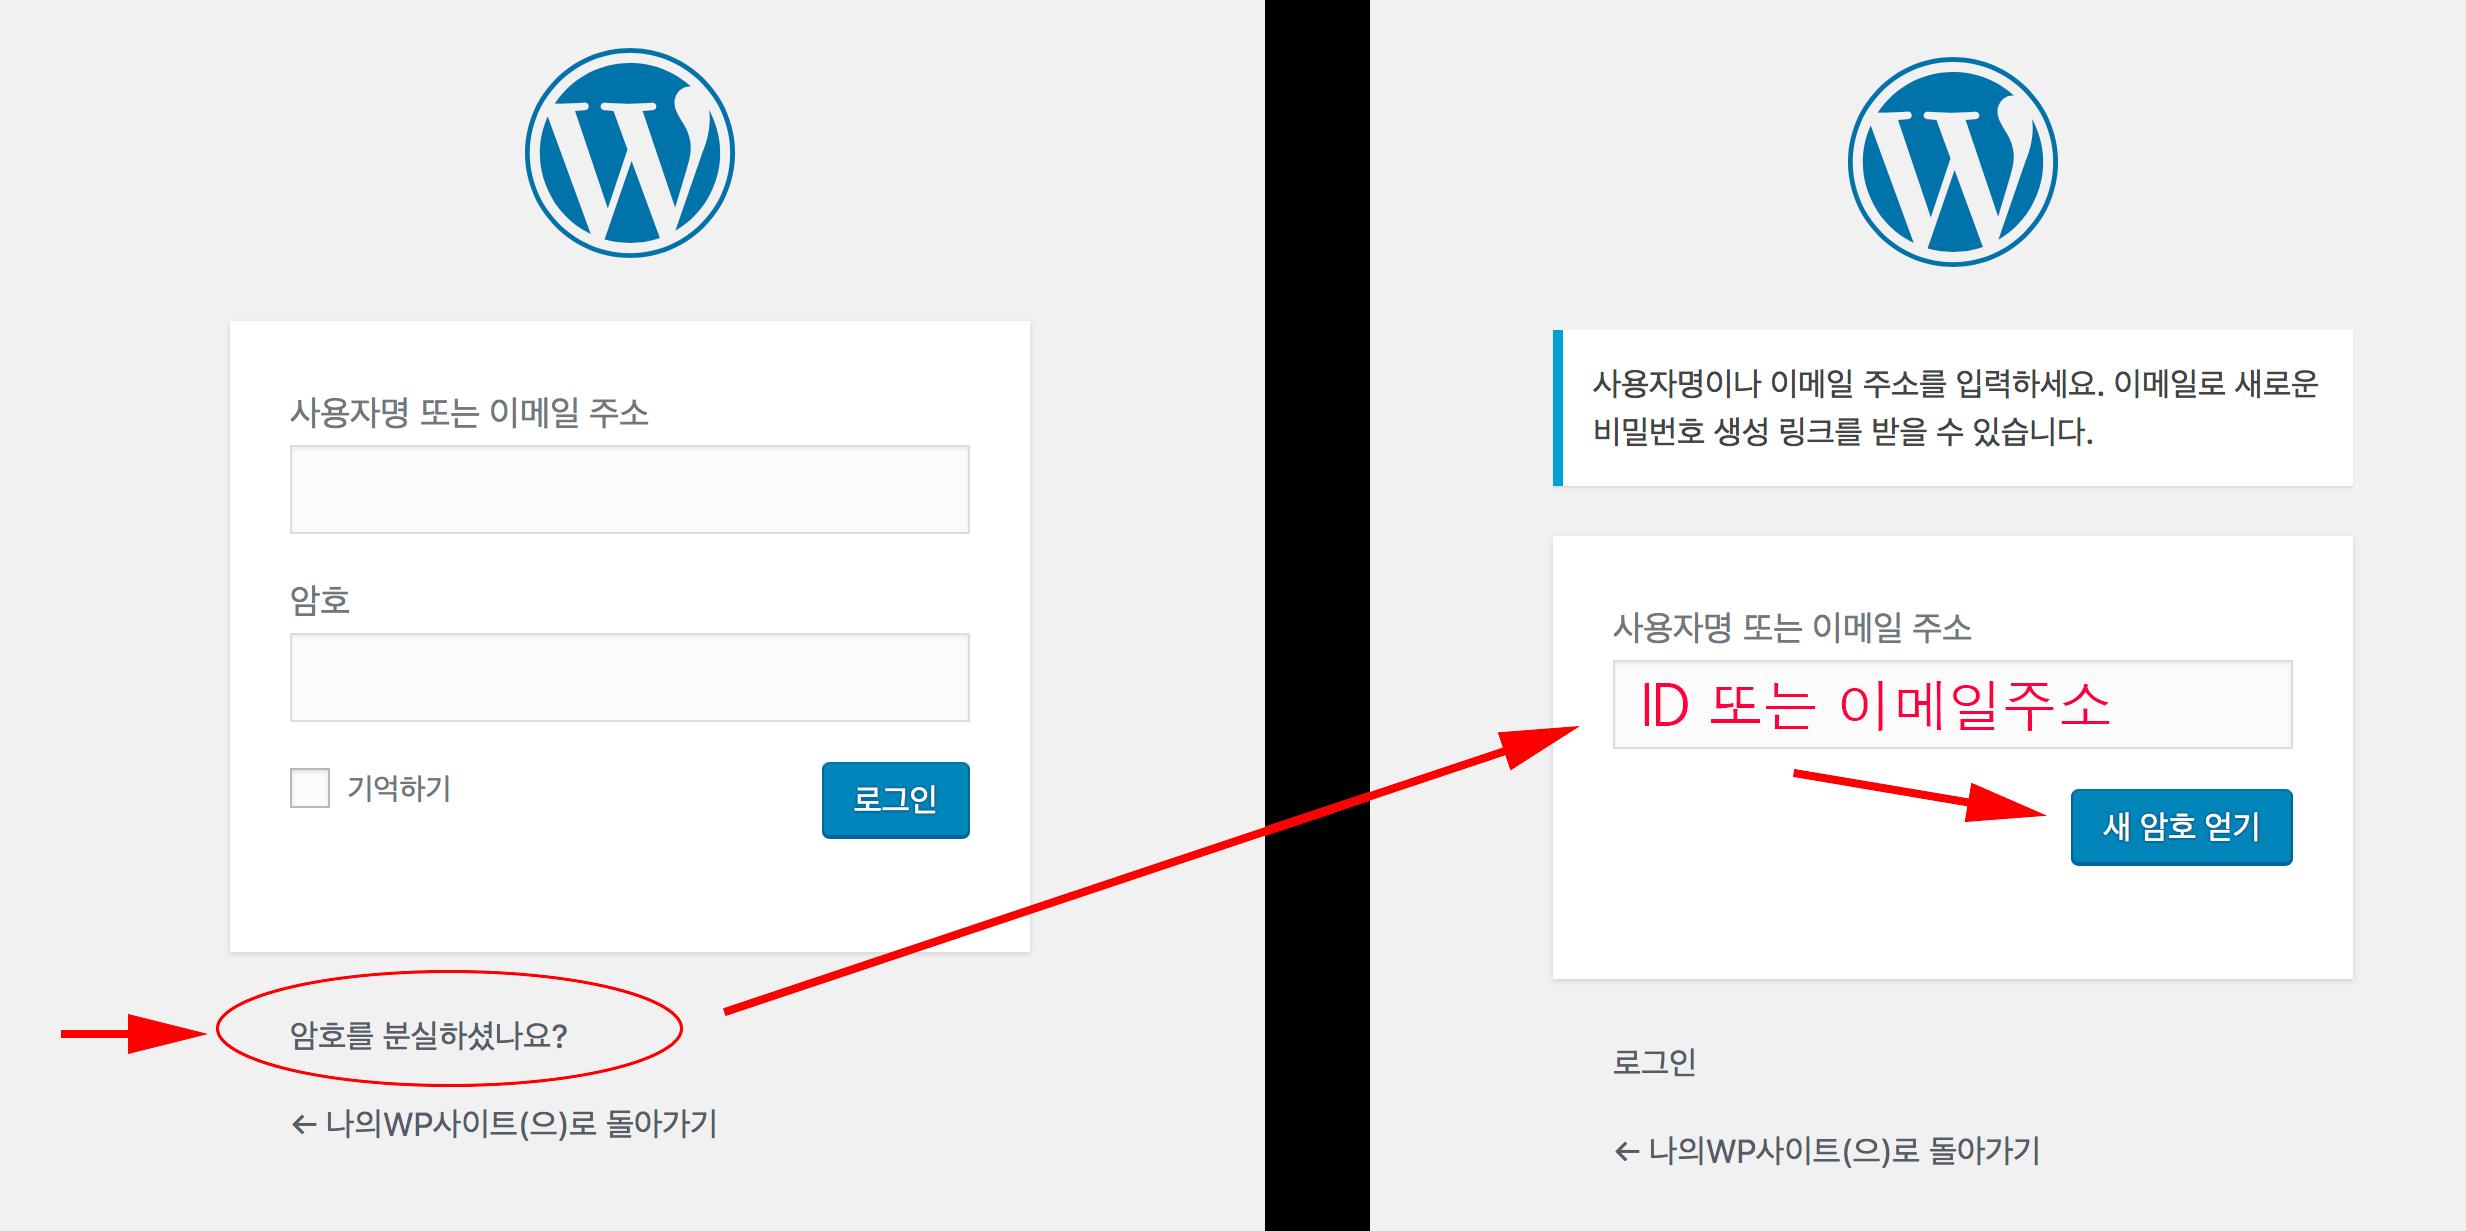 로그인 화면 아래쪽에 '암호를 분실하셨나요?'를 클릭 후 ID 입력